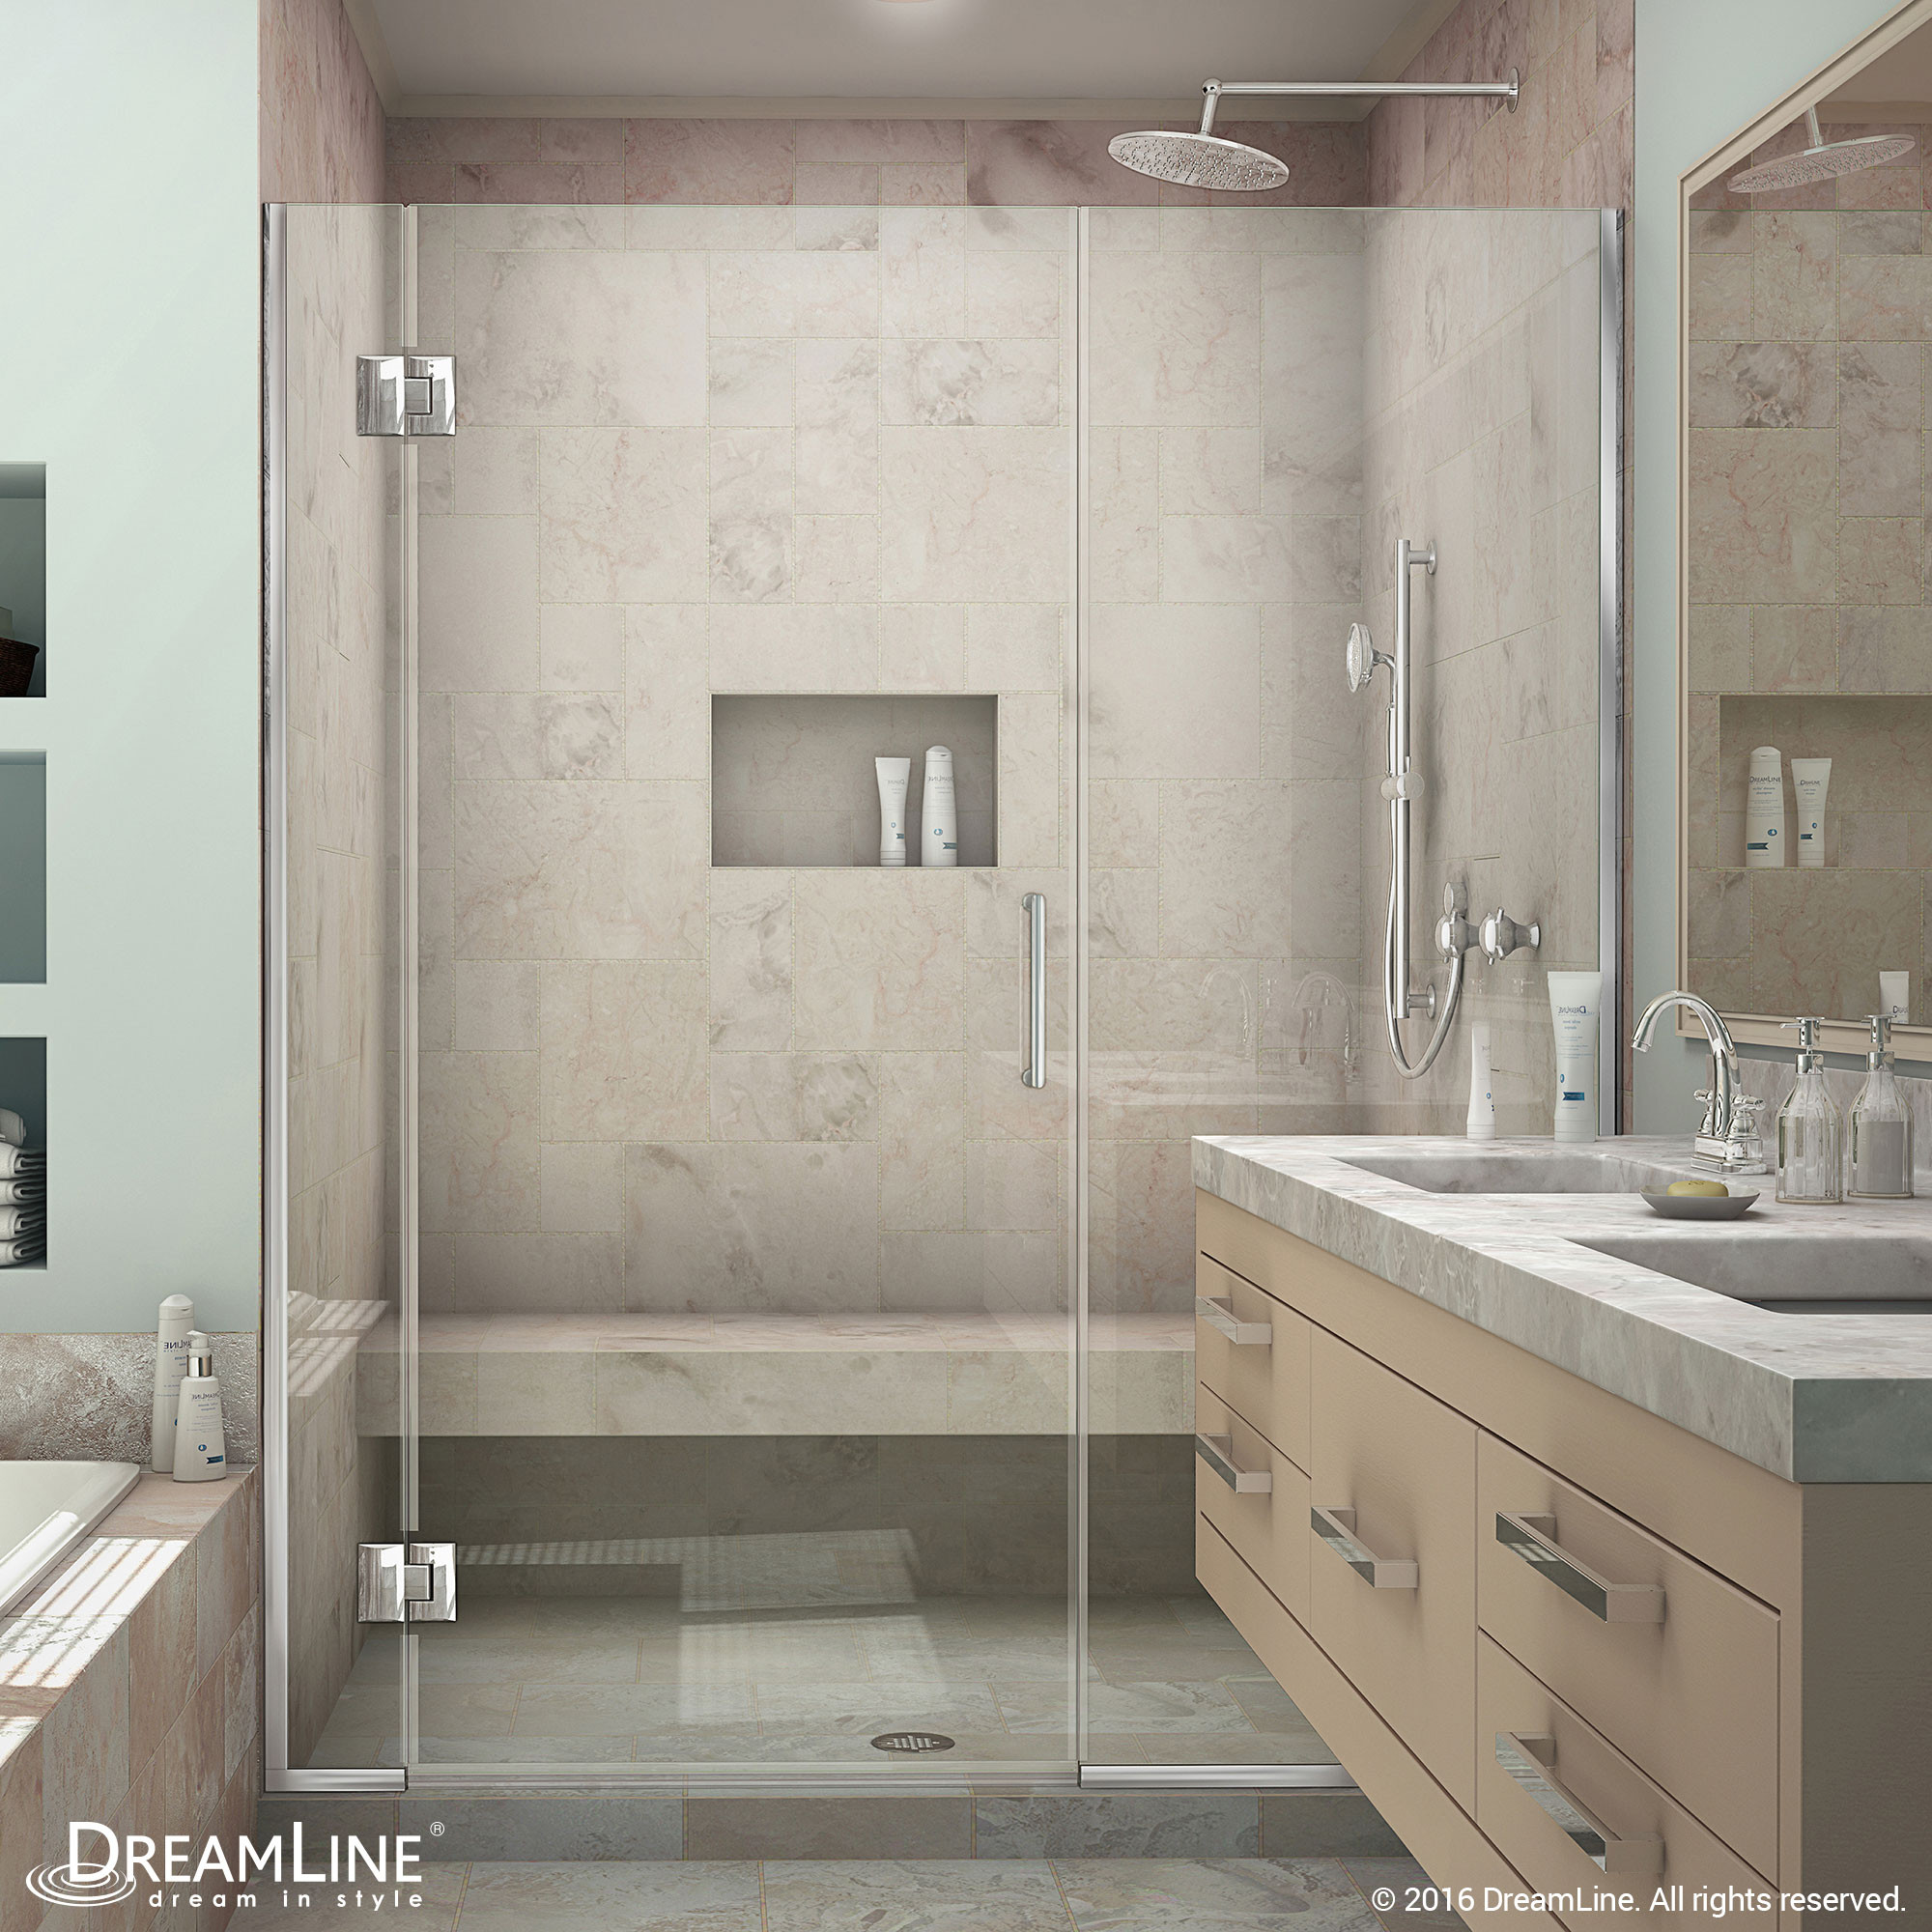 DreamLine D12330572-01 Unidoor-X 59 1/2 - 60 in. W x 72 in. H Hinged Shower Door in Chrome